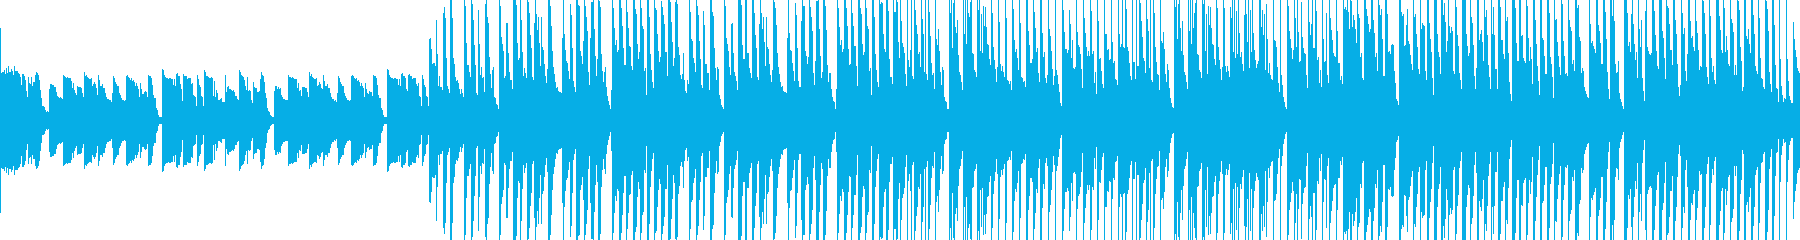 アコースティックなボサノバループ音源の再生済みの波形